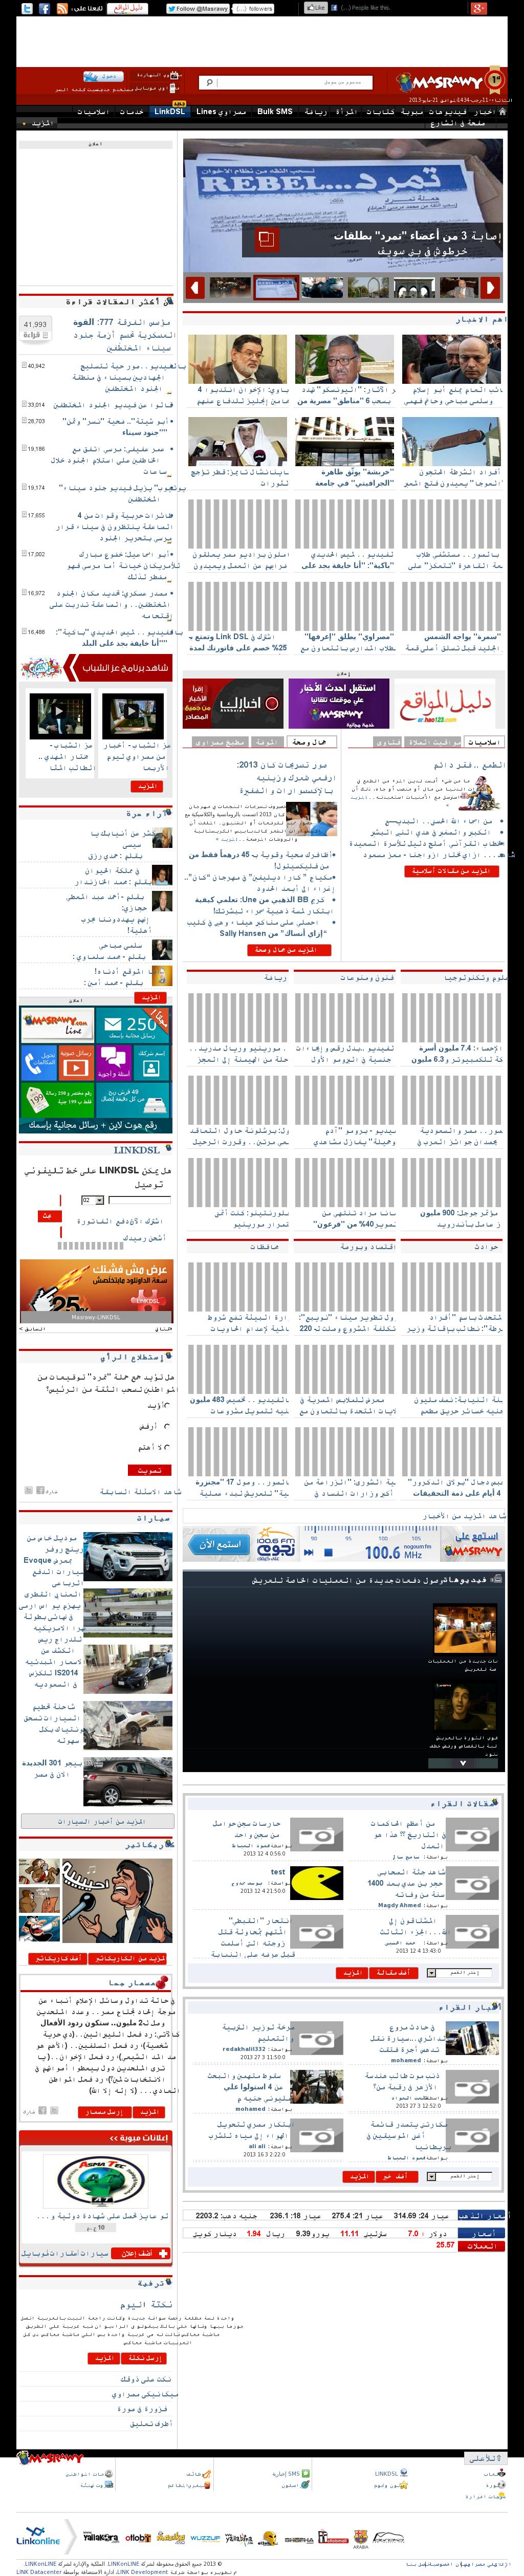 Masrawy at Tuesday May 21, 2013, 12:14 a.m. UTC